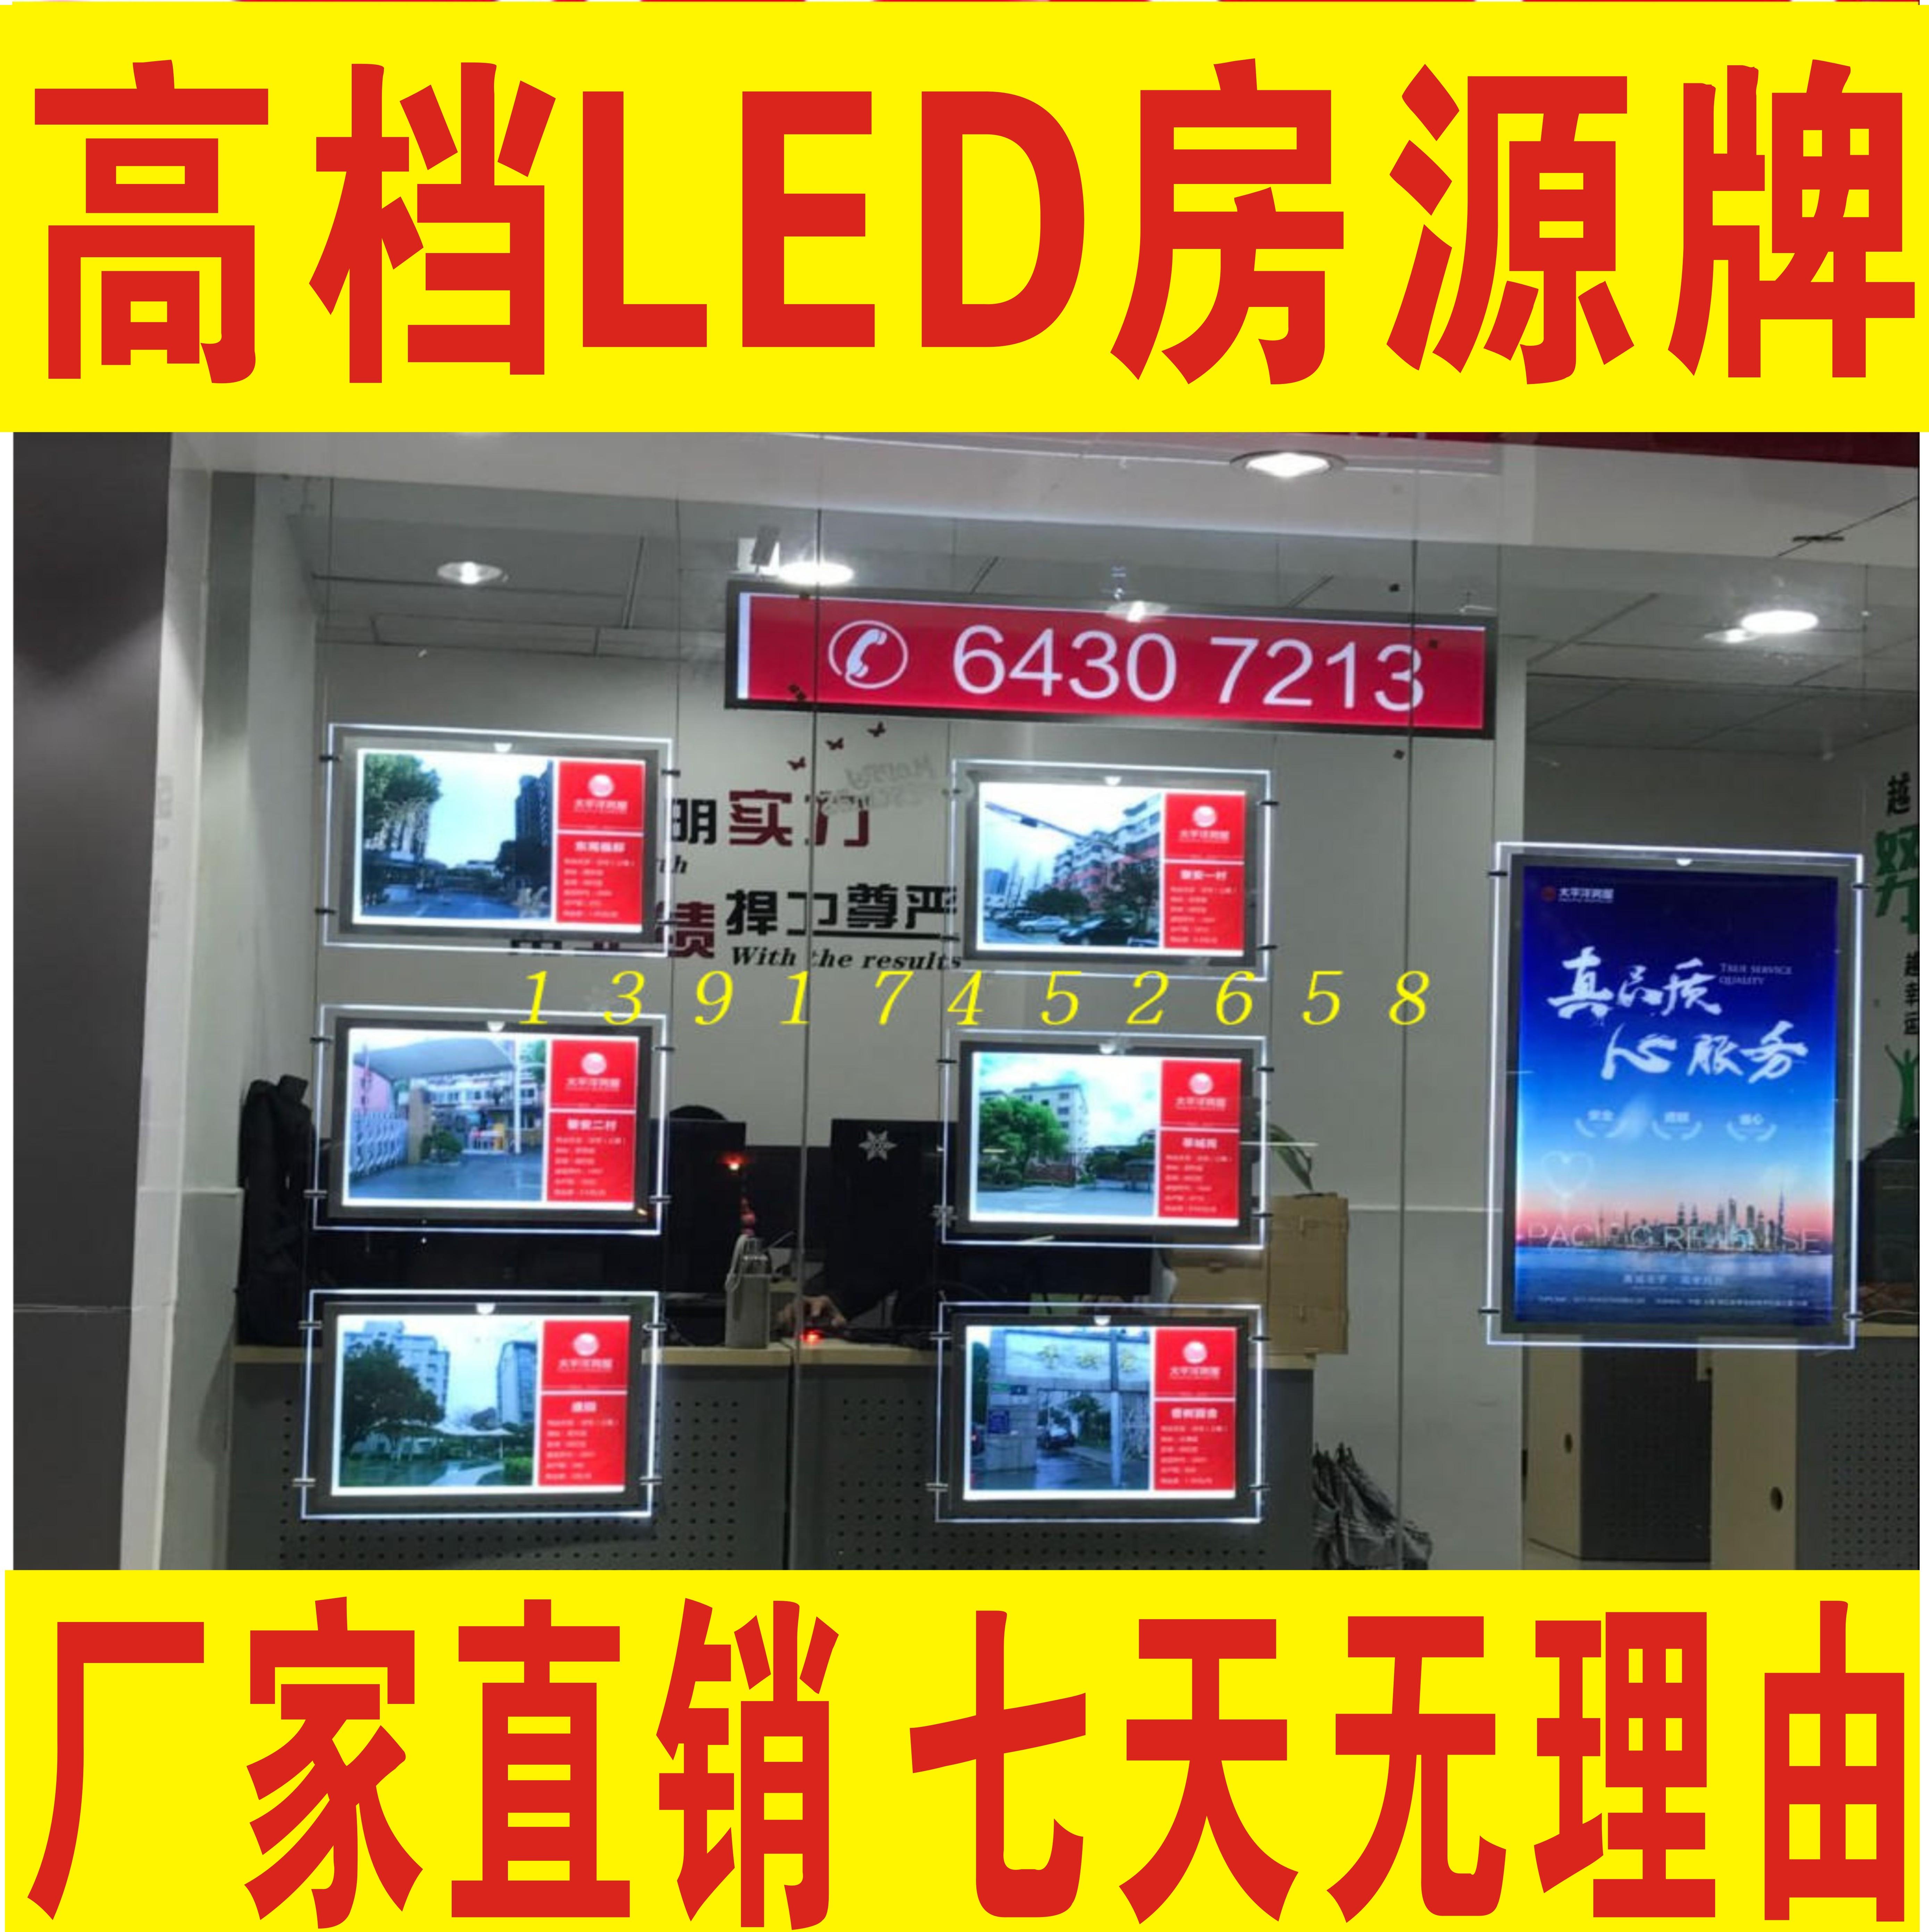 房产中介橱窗LED发光水晶灯箱吊挂发光价格水牌房源悬挂广告牌